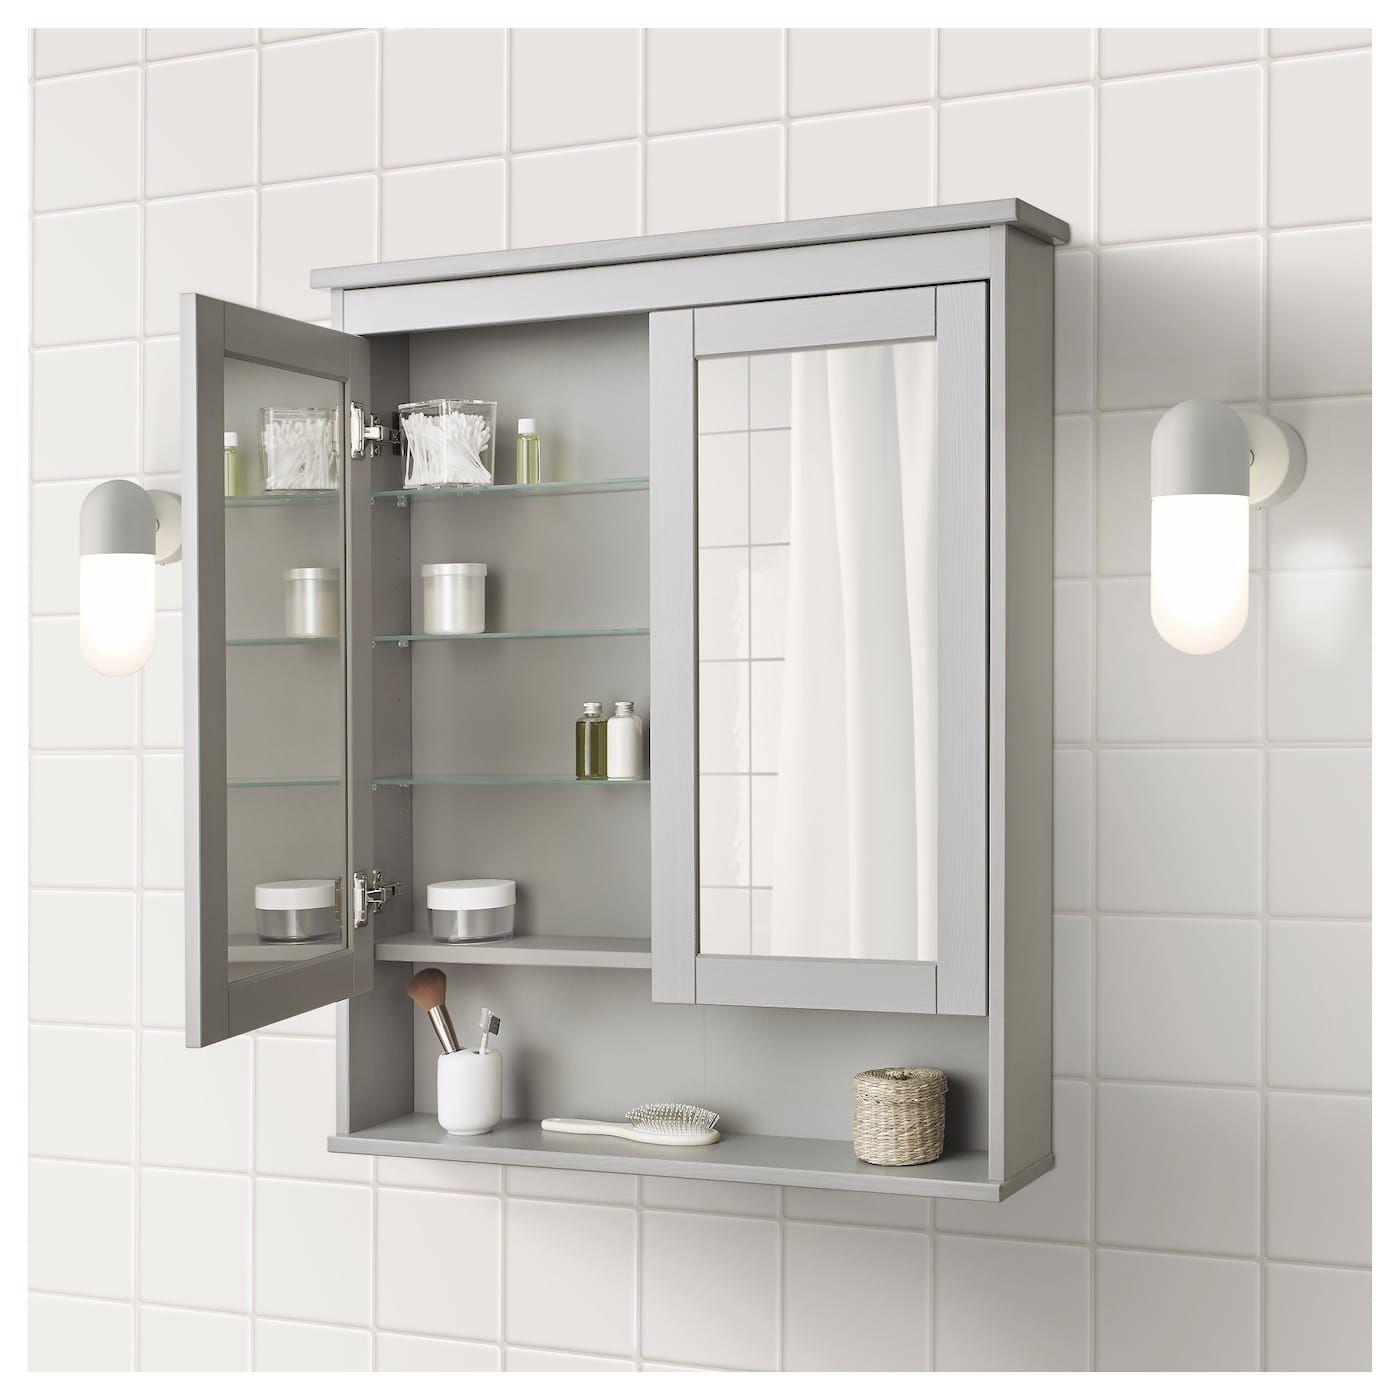 Hemnes Spiegelschrank 2 Turen Grau Badezimmer Design